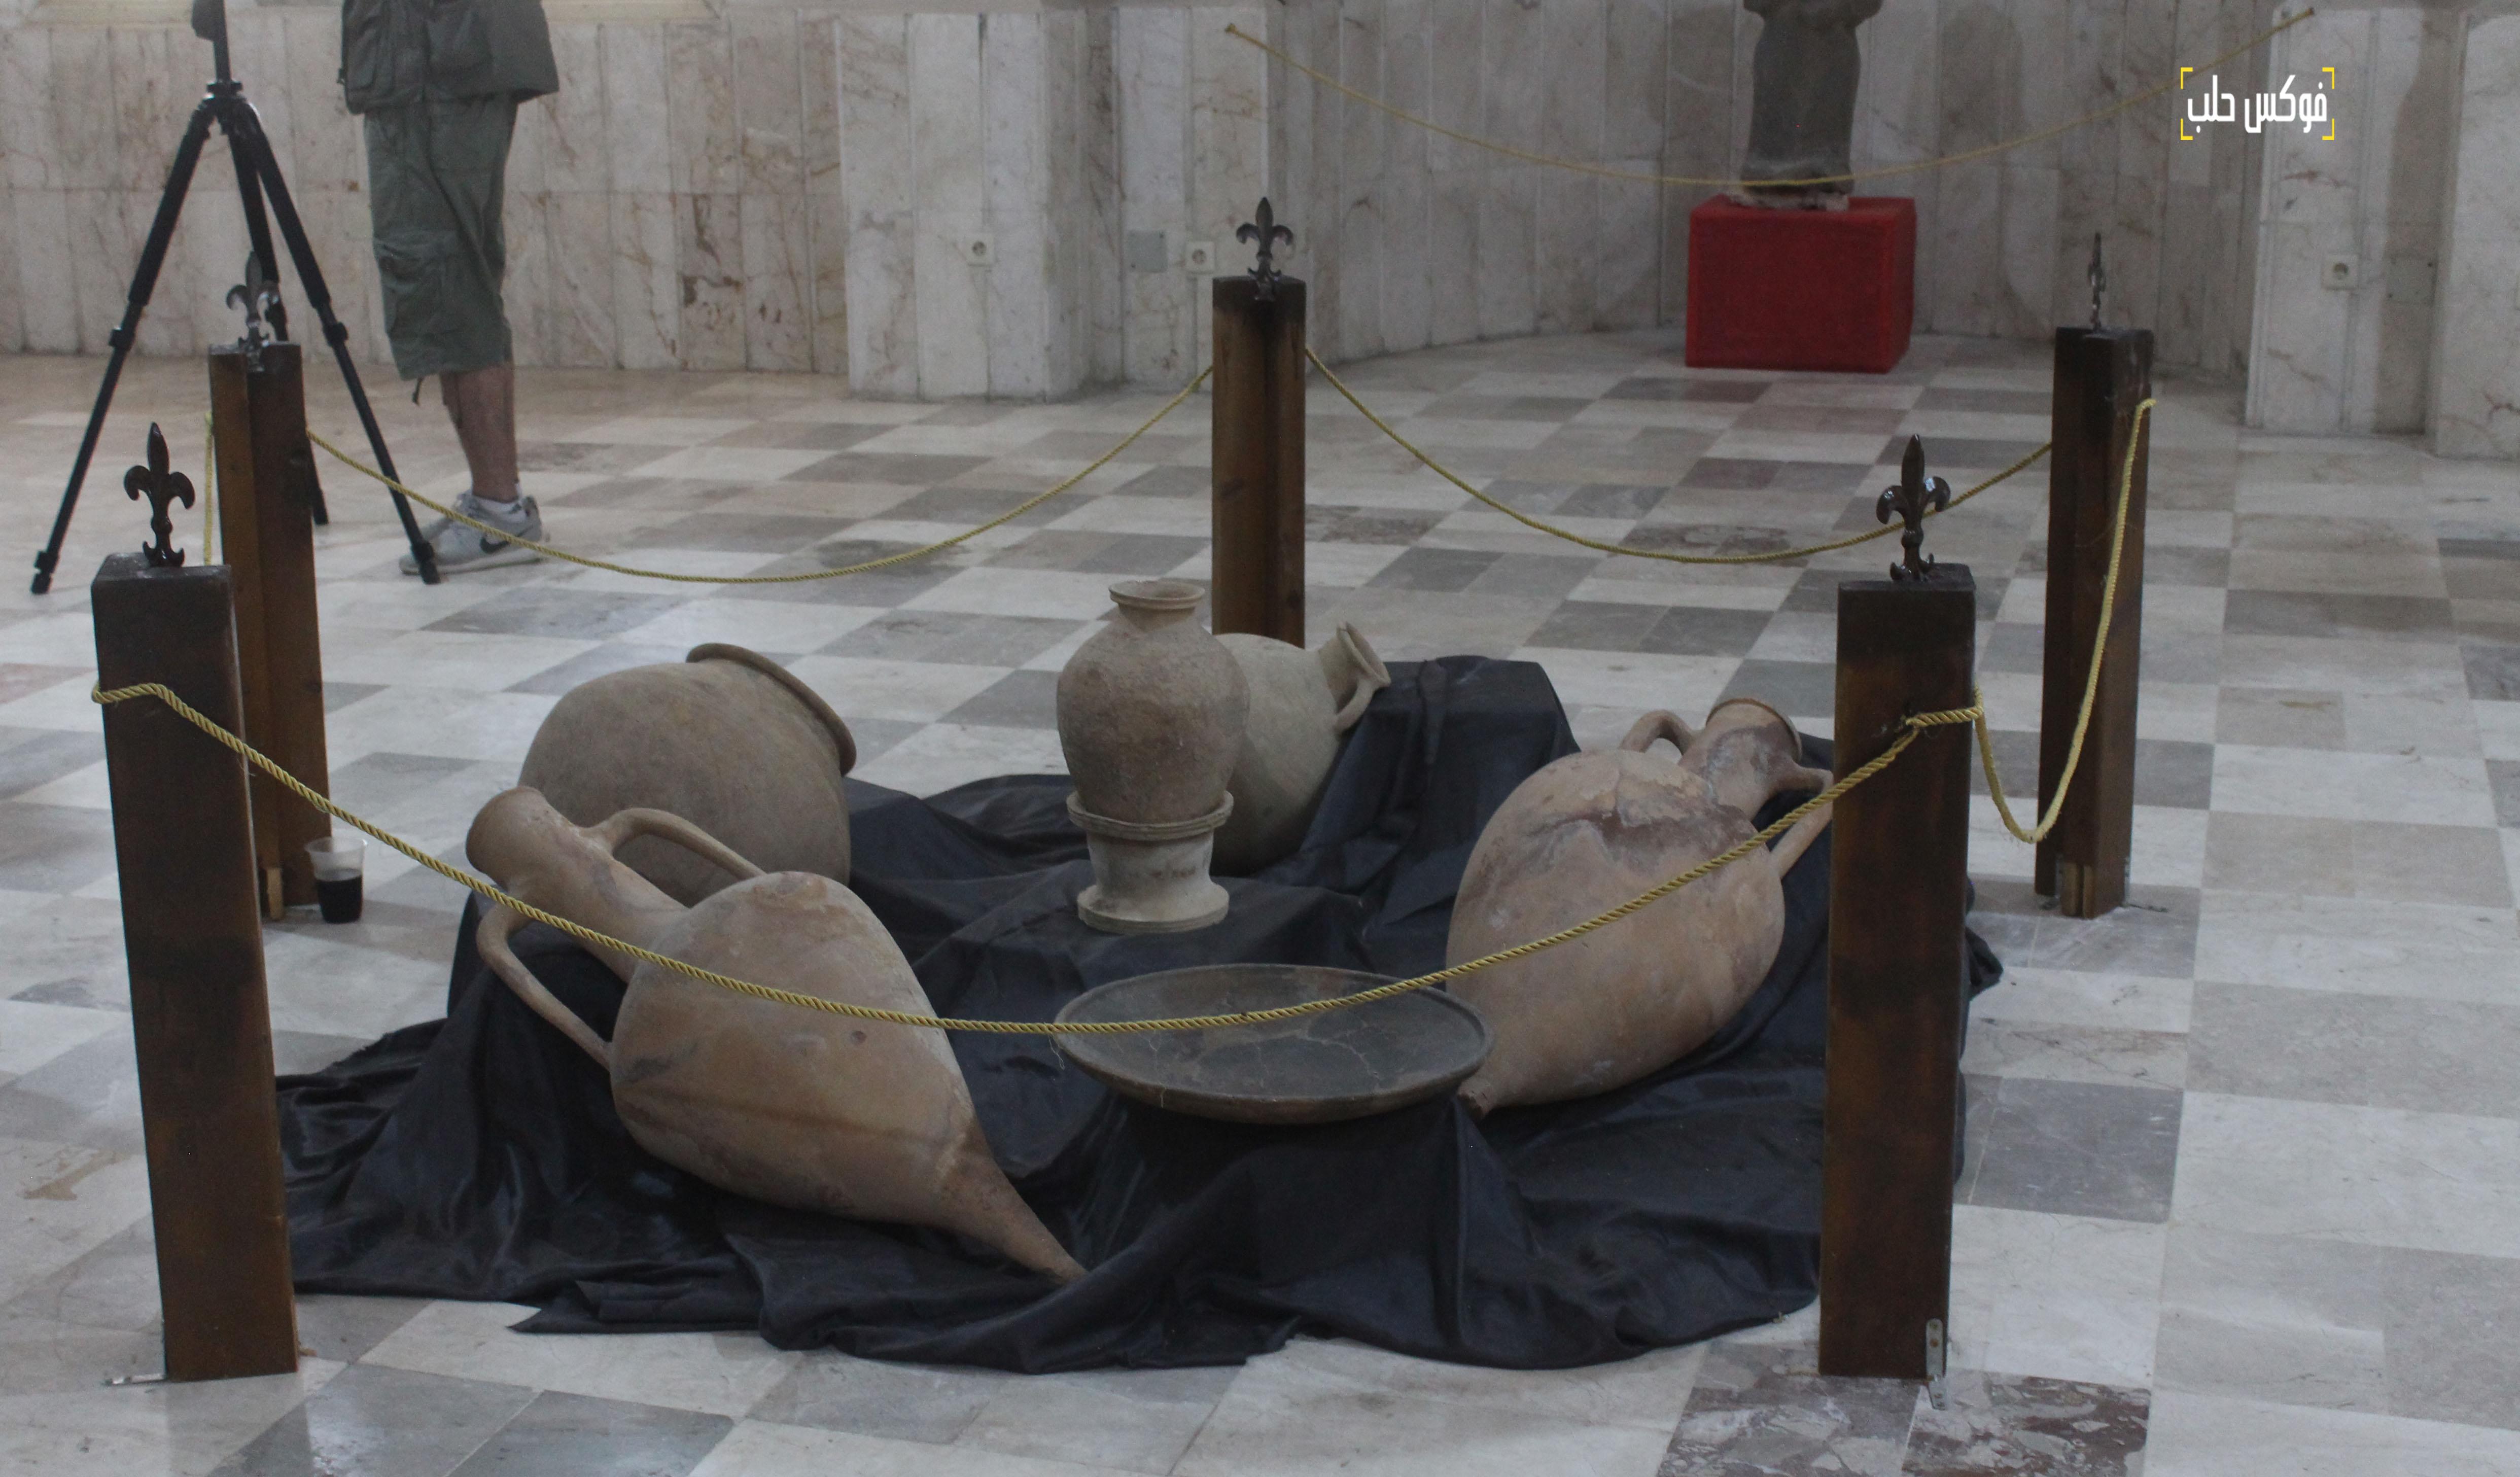 قطع فخارية داخل متحف إدلب